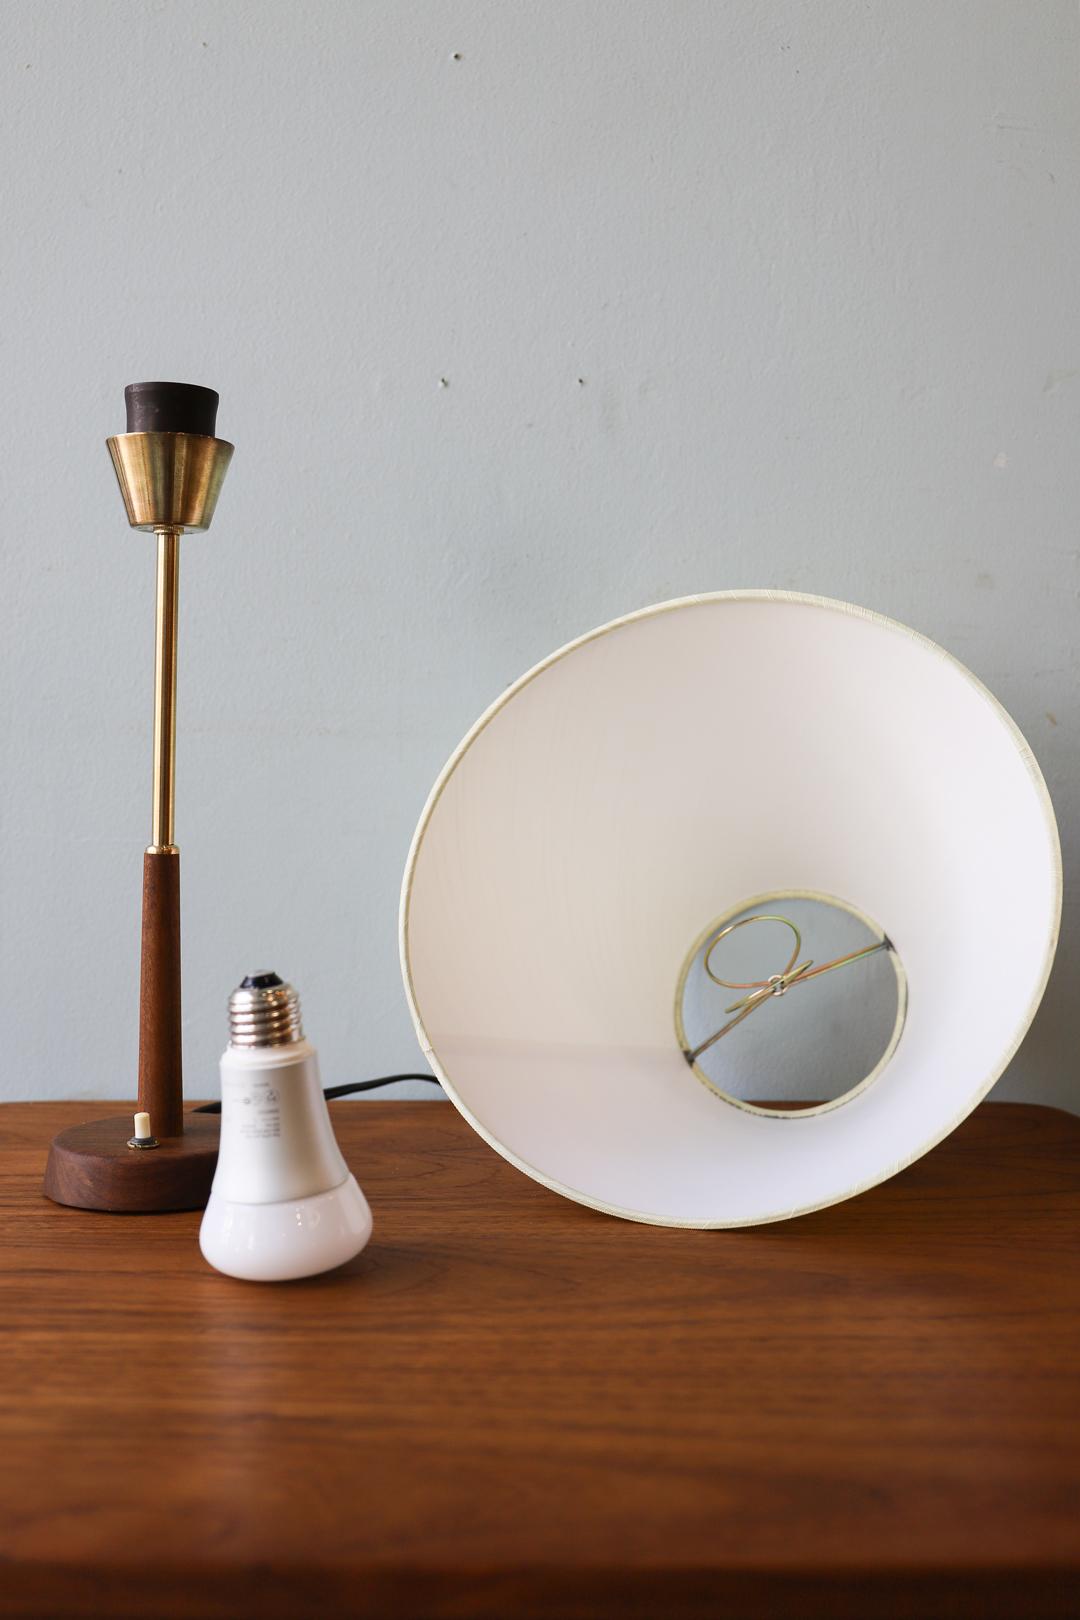 Swedish Vintage Table Lamp Midcentury Modern/スウェーデンヴィンテージ テーブルランプ 間接照明 インテリア ミッドセンチュリー 北欧デザイン